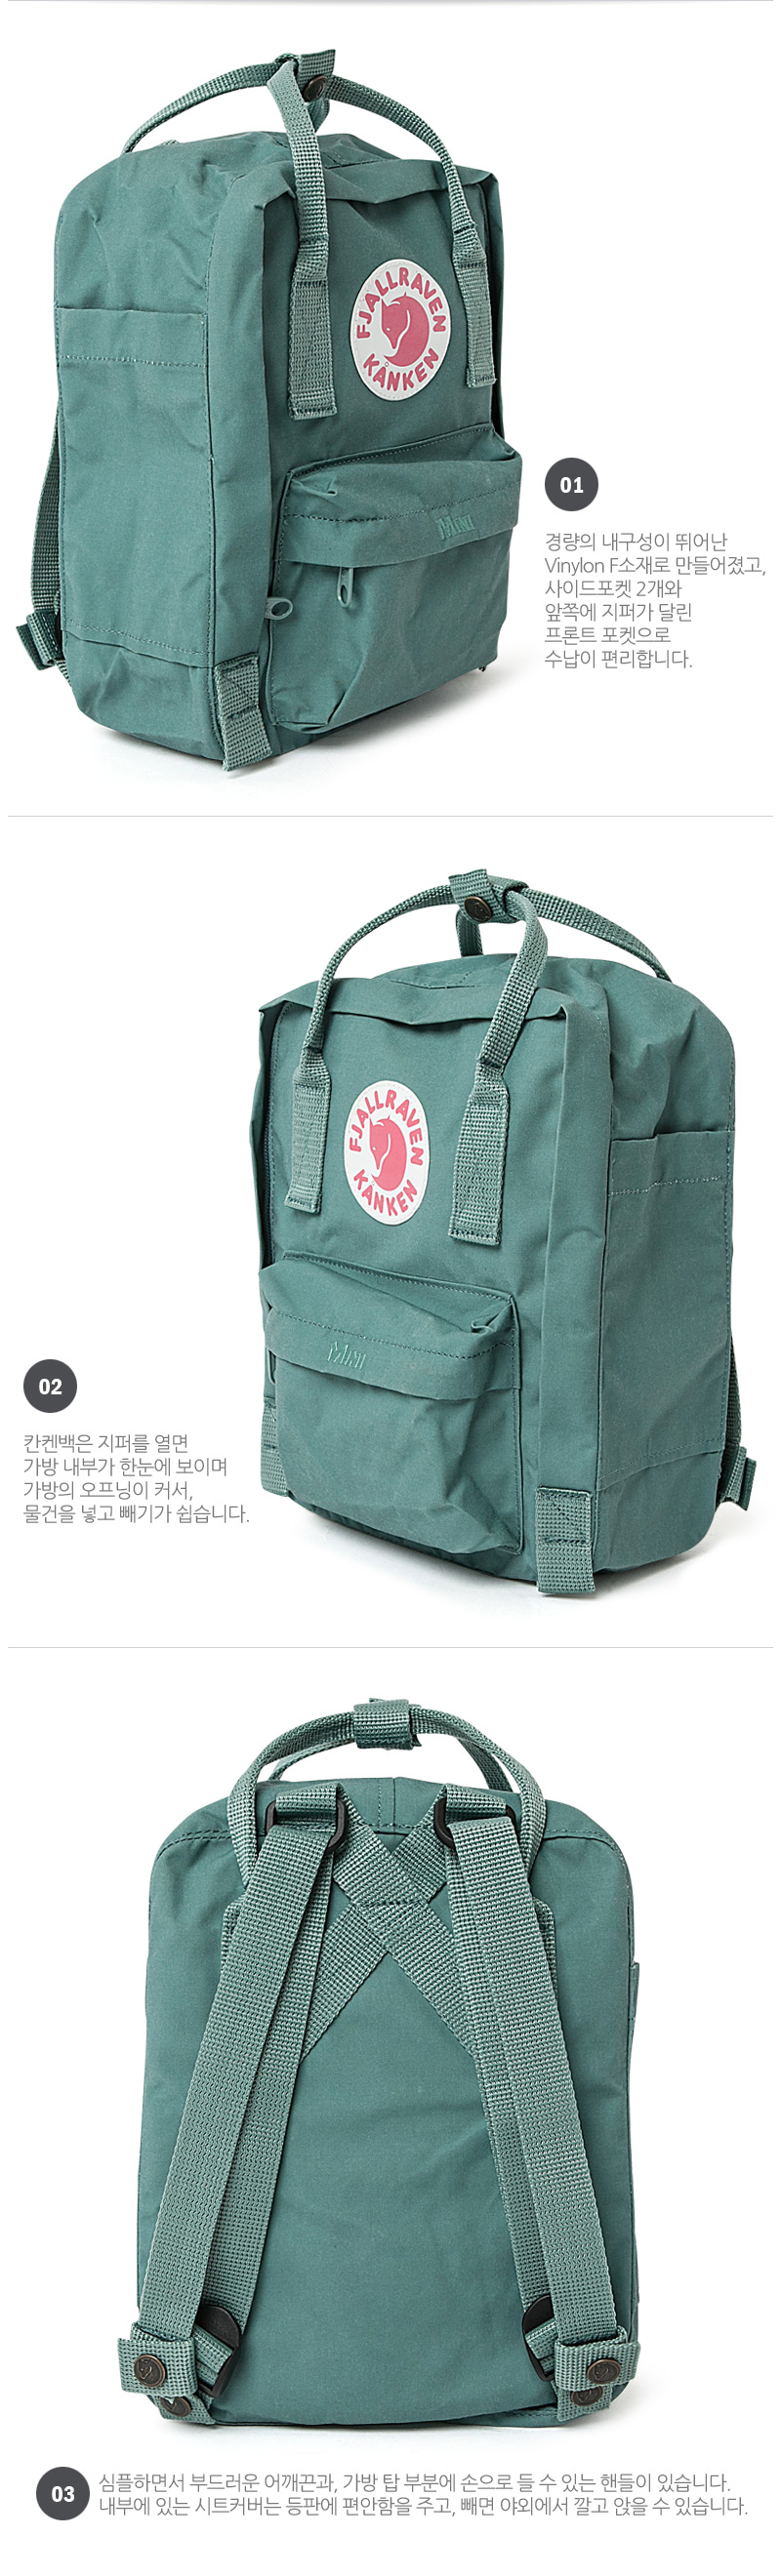 กระเป๋า Fjallraven Kanken Mini สี Frost Green พร้อมส่ง